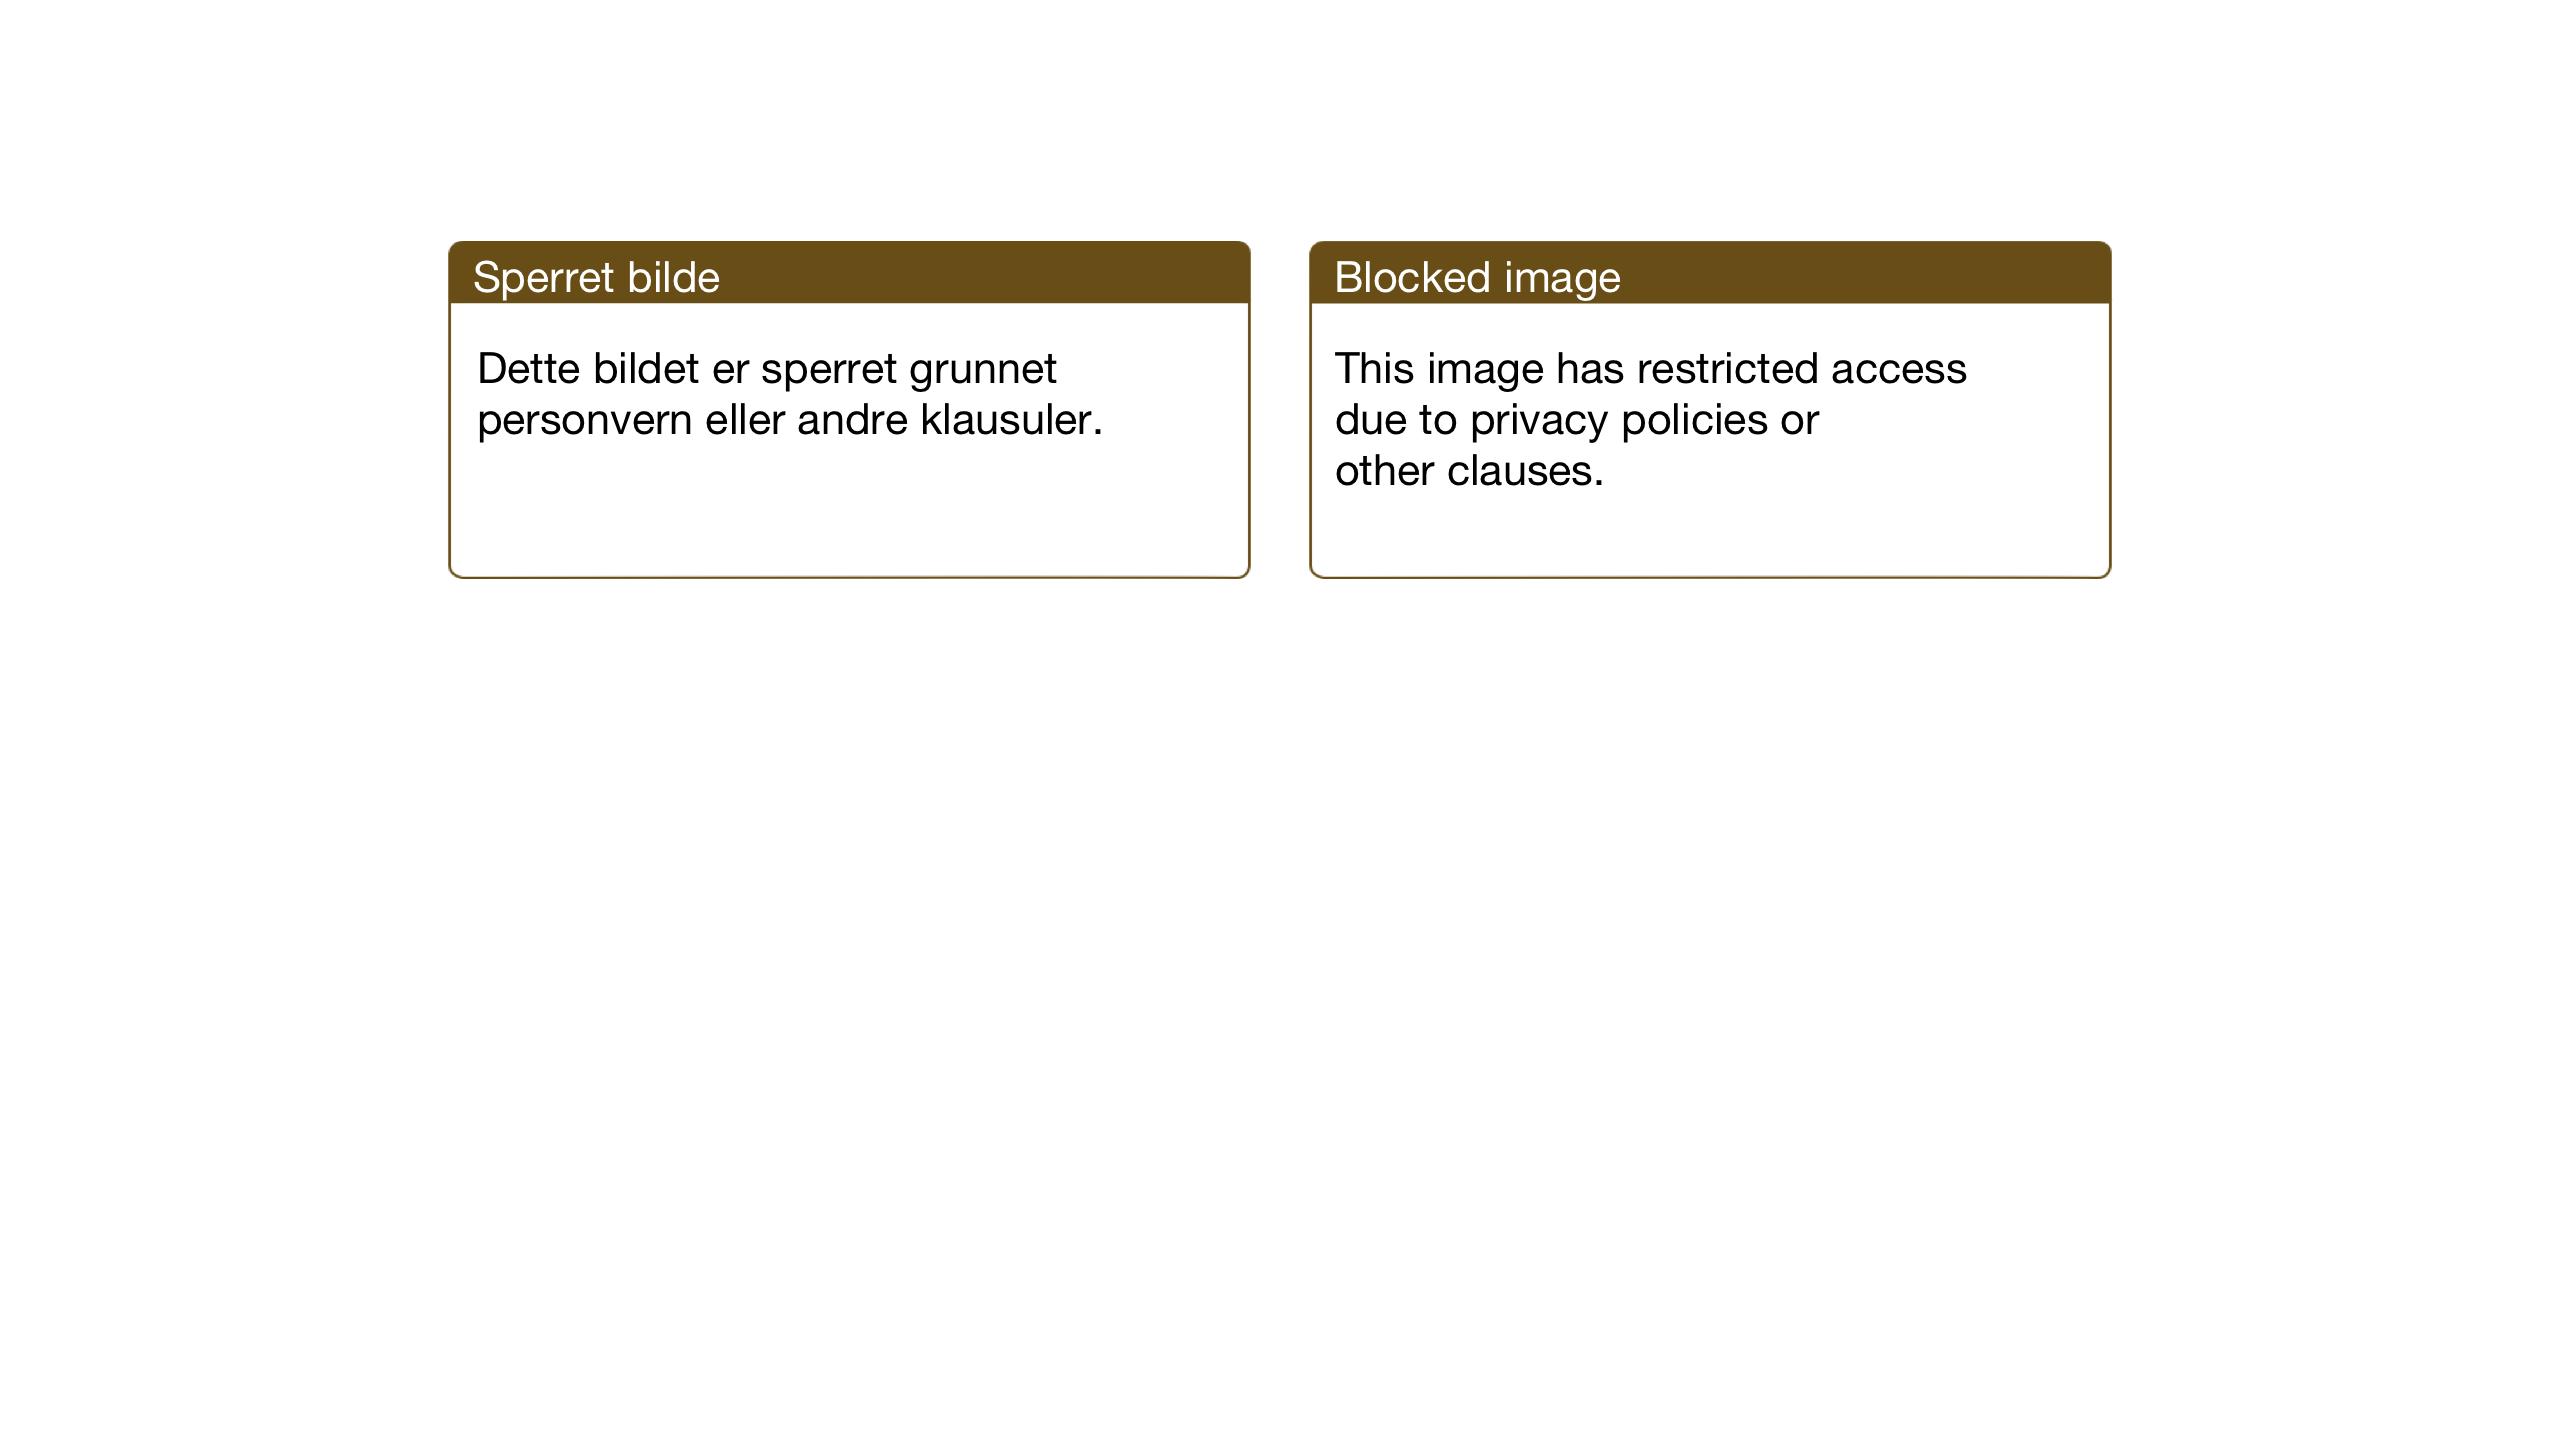 SAT, Ministerialprotokoller, klokkerbøker og fødselsregistre - Sør-Trøndelag, 607/L0321: Ministerialbok nr. 607A05, 1916-1935, s. 380-381